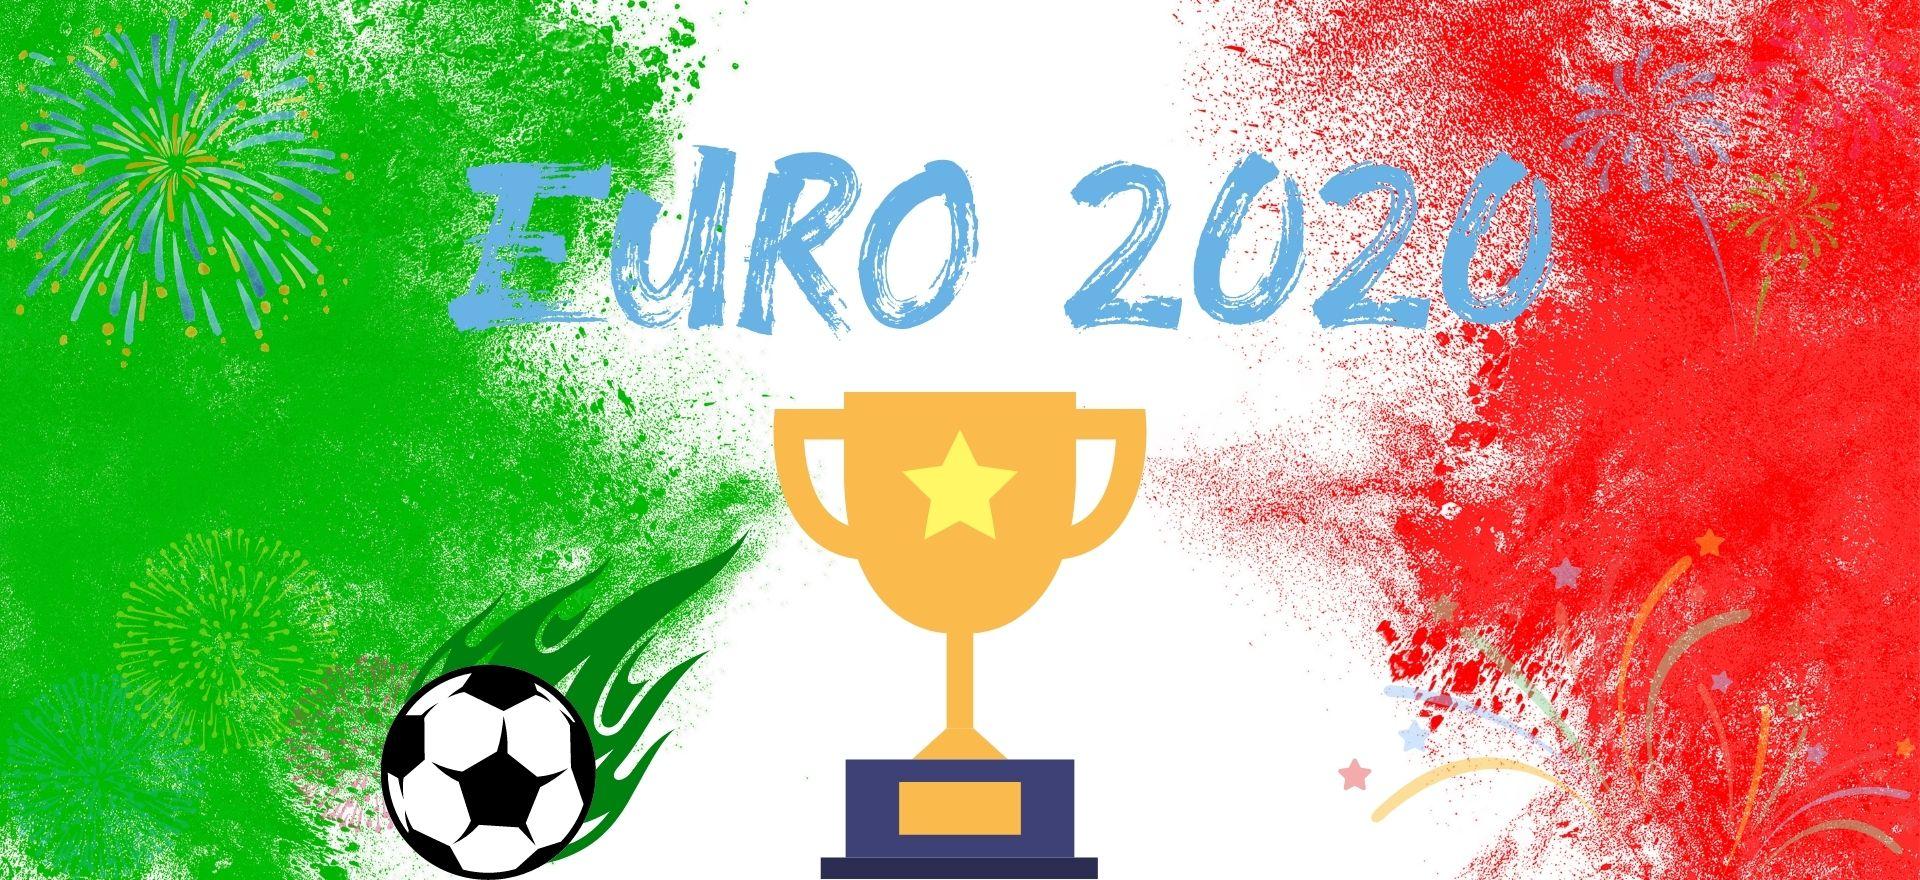 L'Italia ha vinto Euro 2020! Congratulazioni!